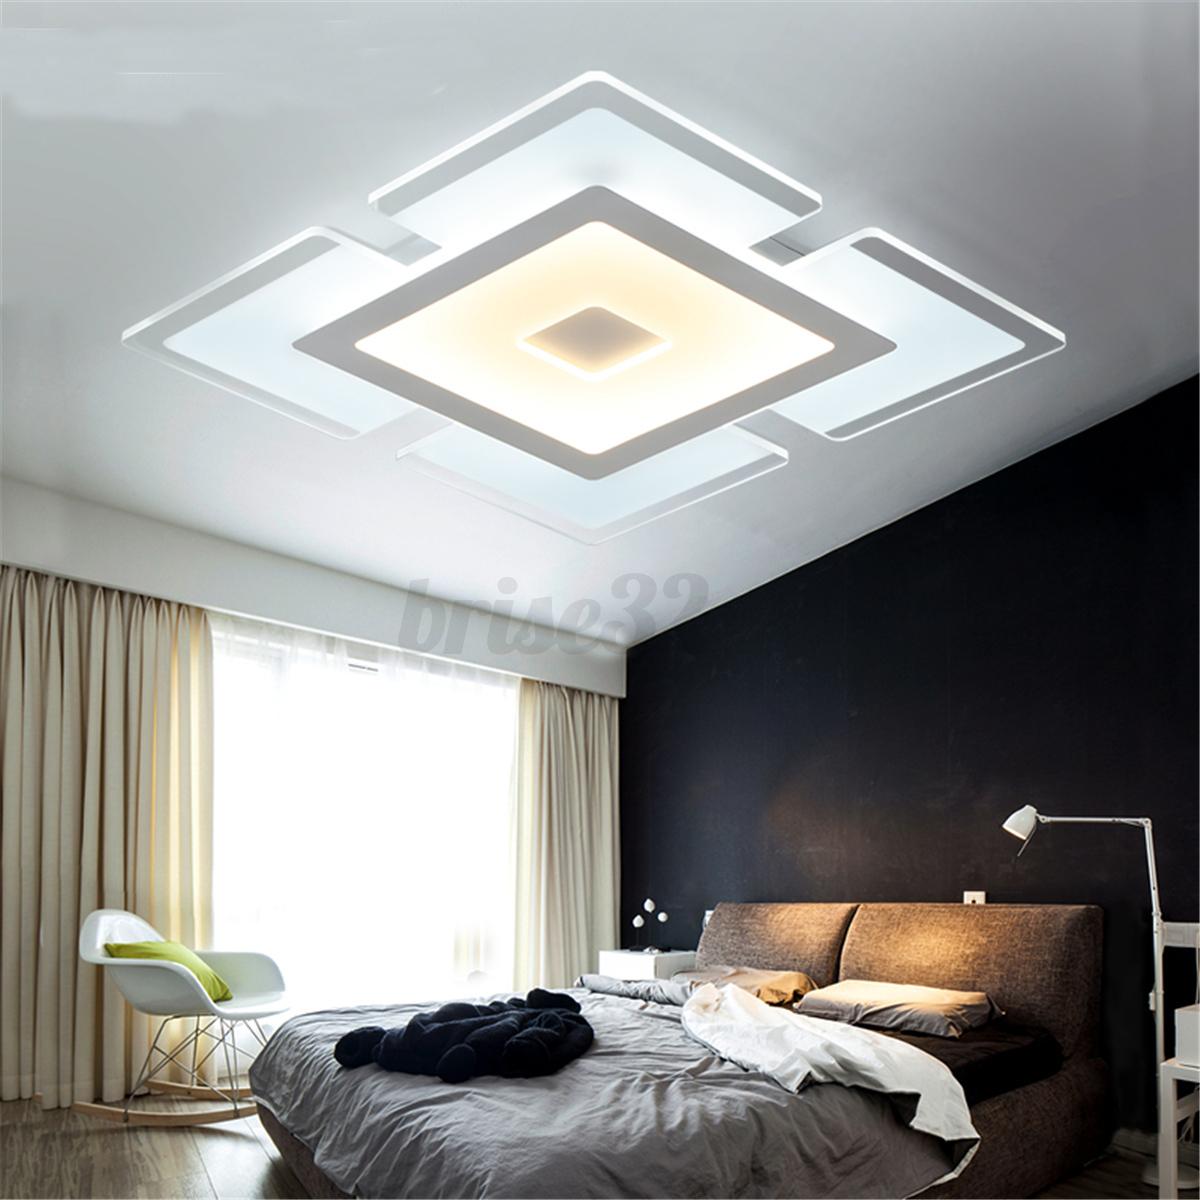 Room Ceiling Lights: Modern Elegant Square Acrylic LED Ceiling Light Living